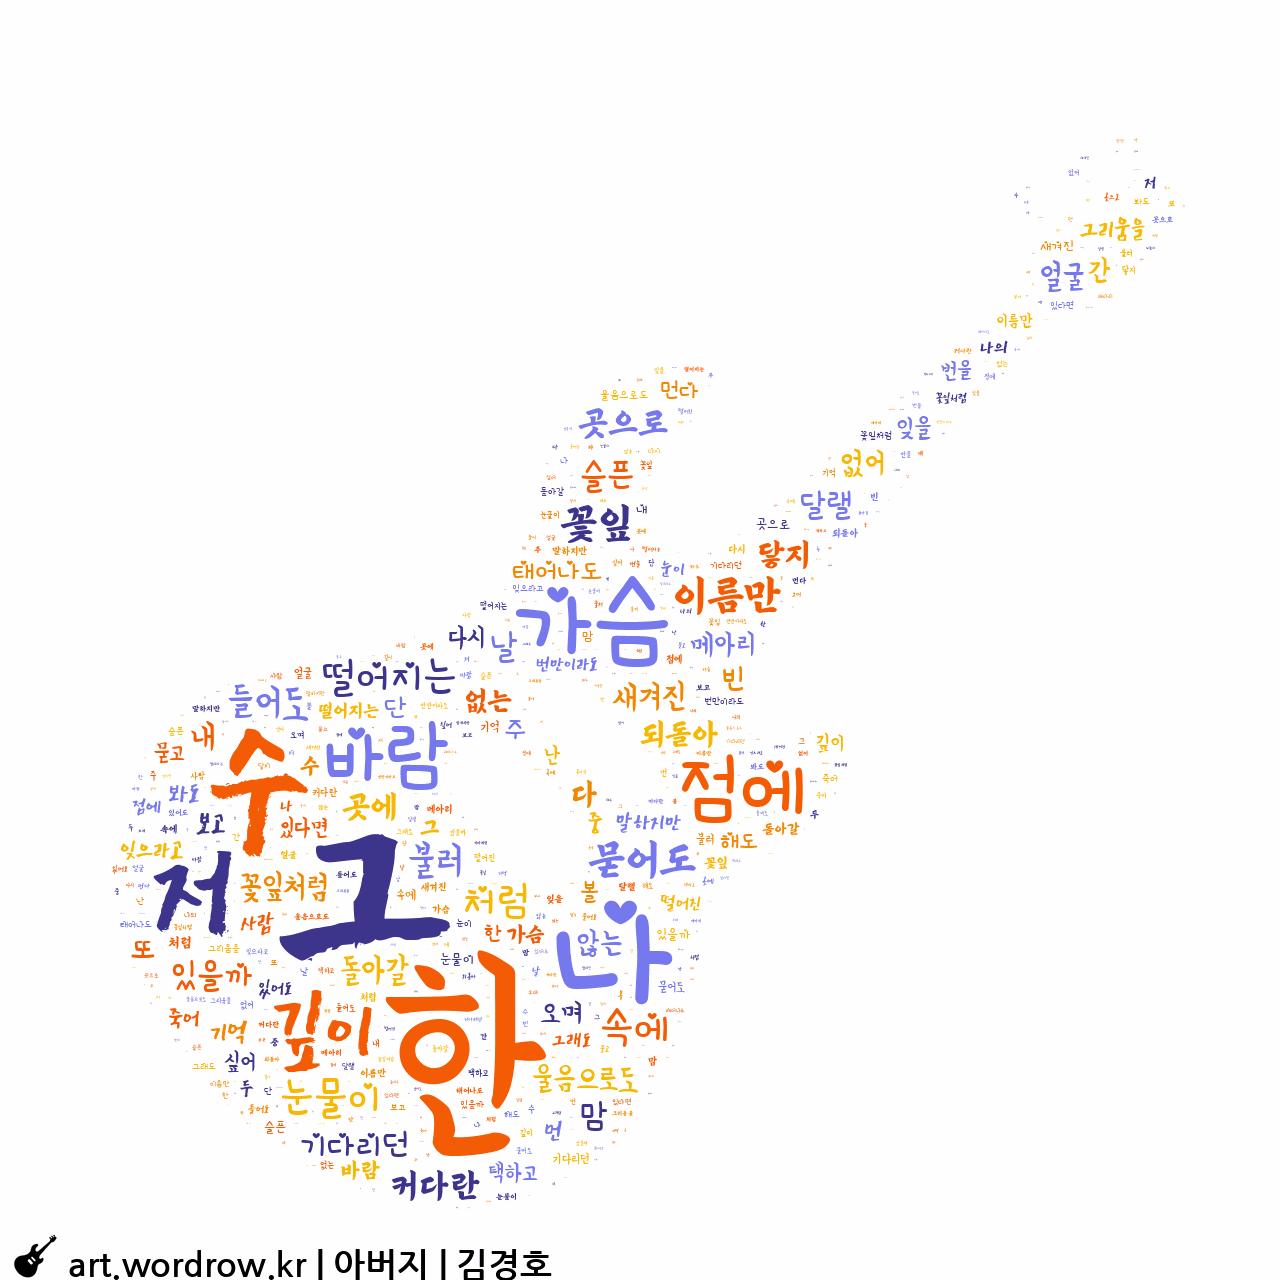 워드 아트: 아버지 [김경호]-53